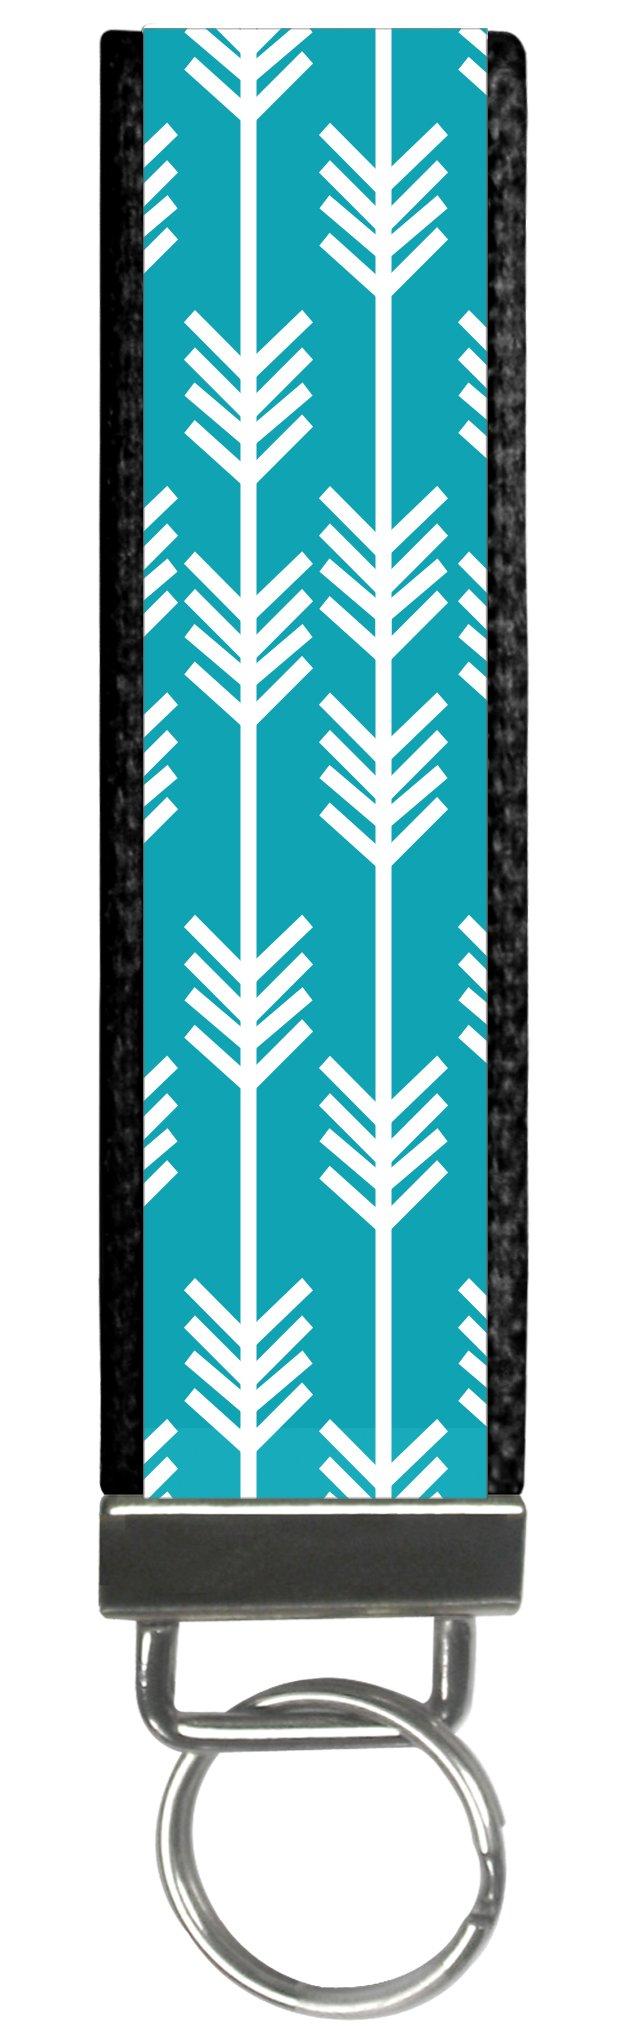 Trendy Teal Arrow Boho Design Wristlet Keyfob Keychain One Size